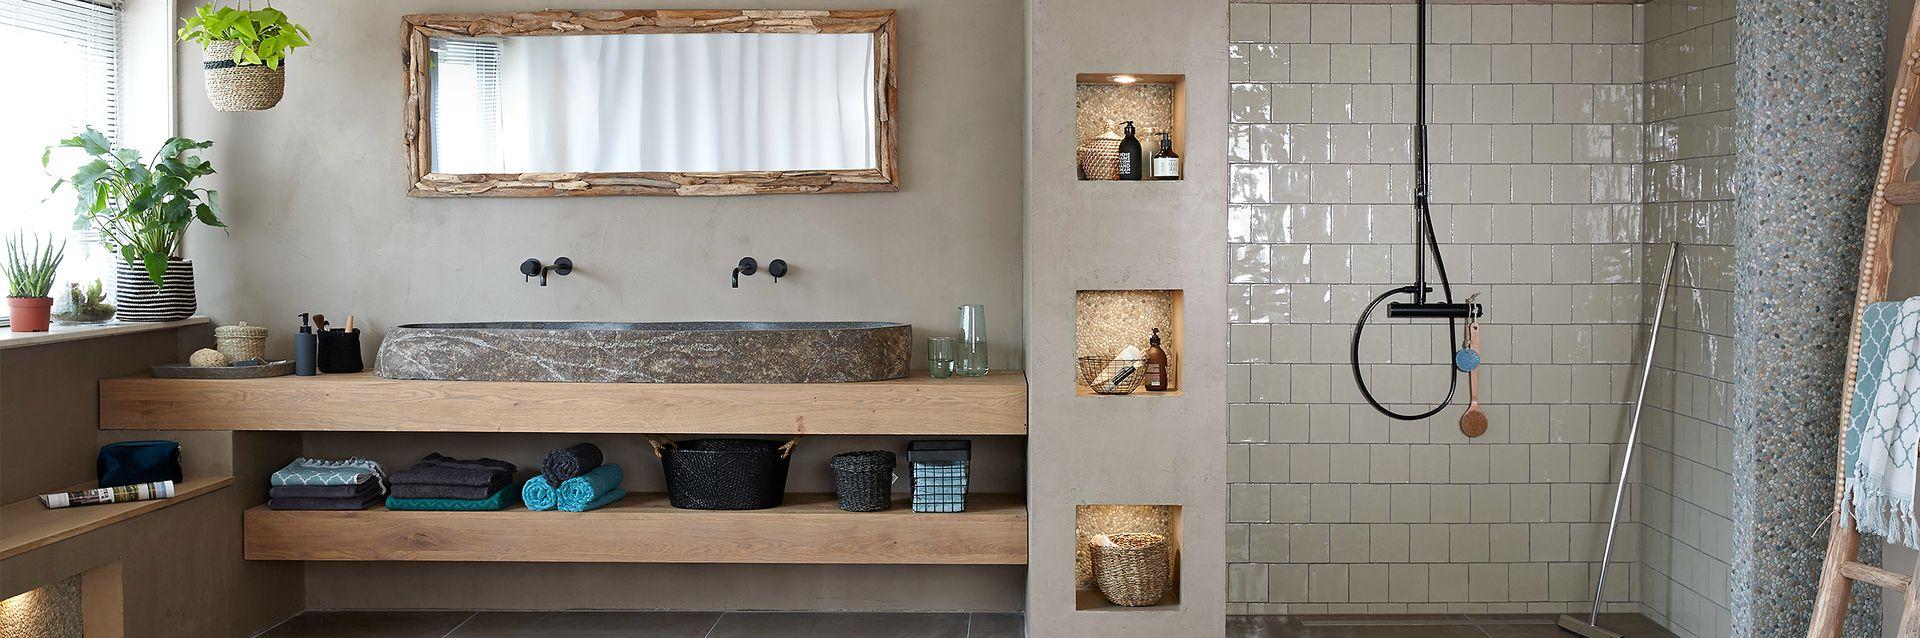 Prachtig voorbeeld van een teak badkamer met teakhouten meubelen ...